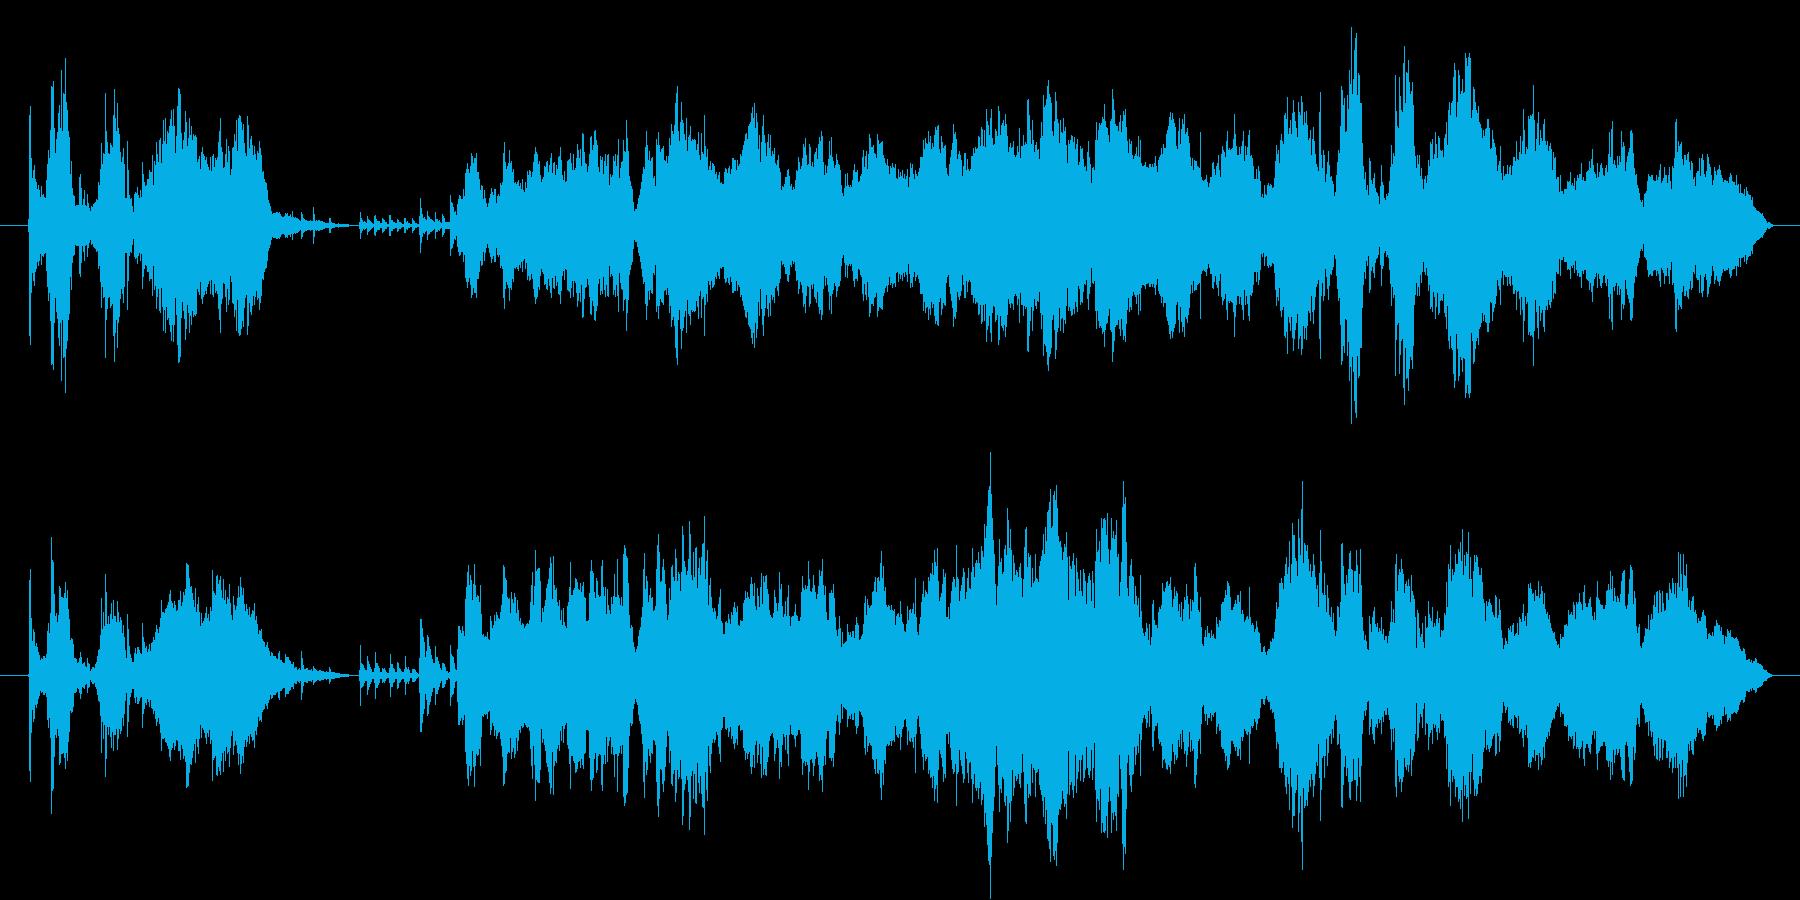 盛大でダイナミックなメロディーの再生済みの波形